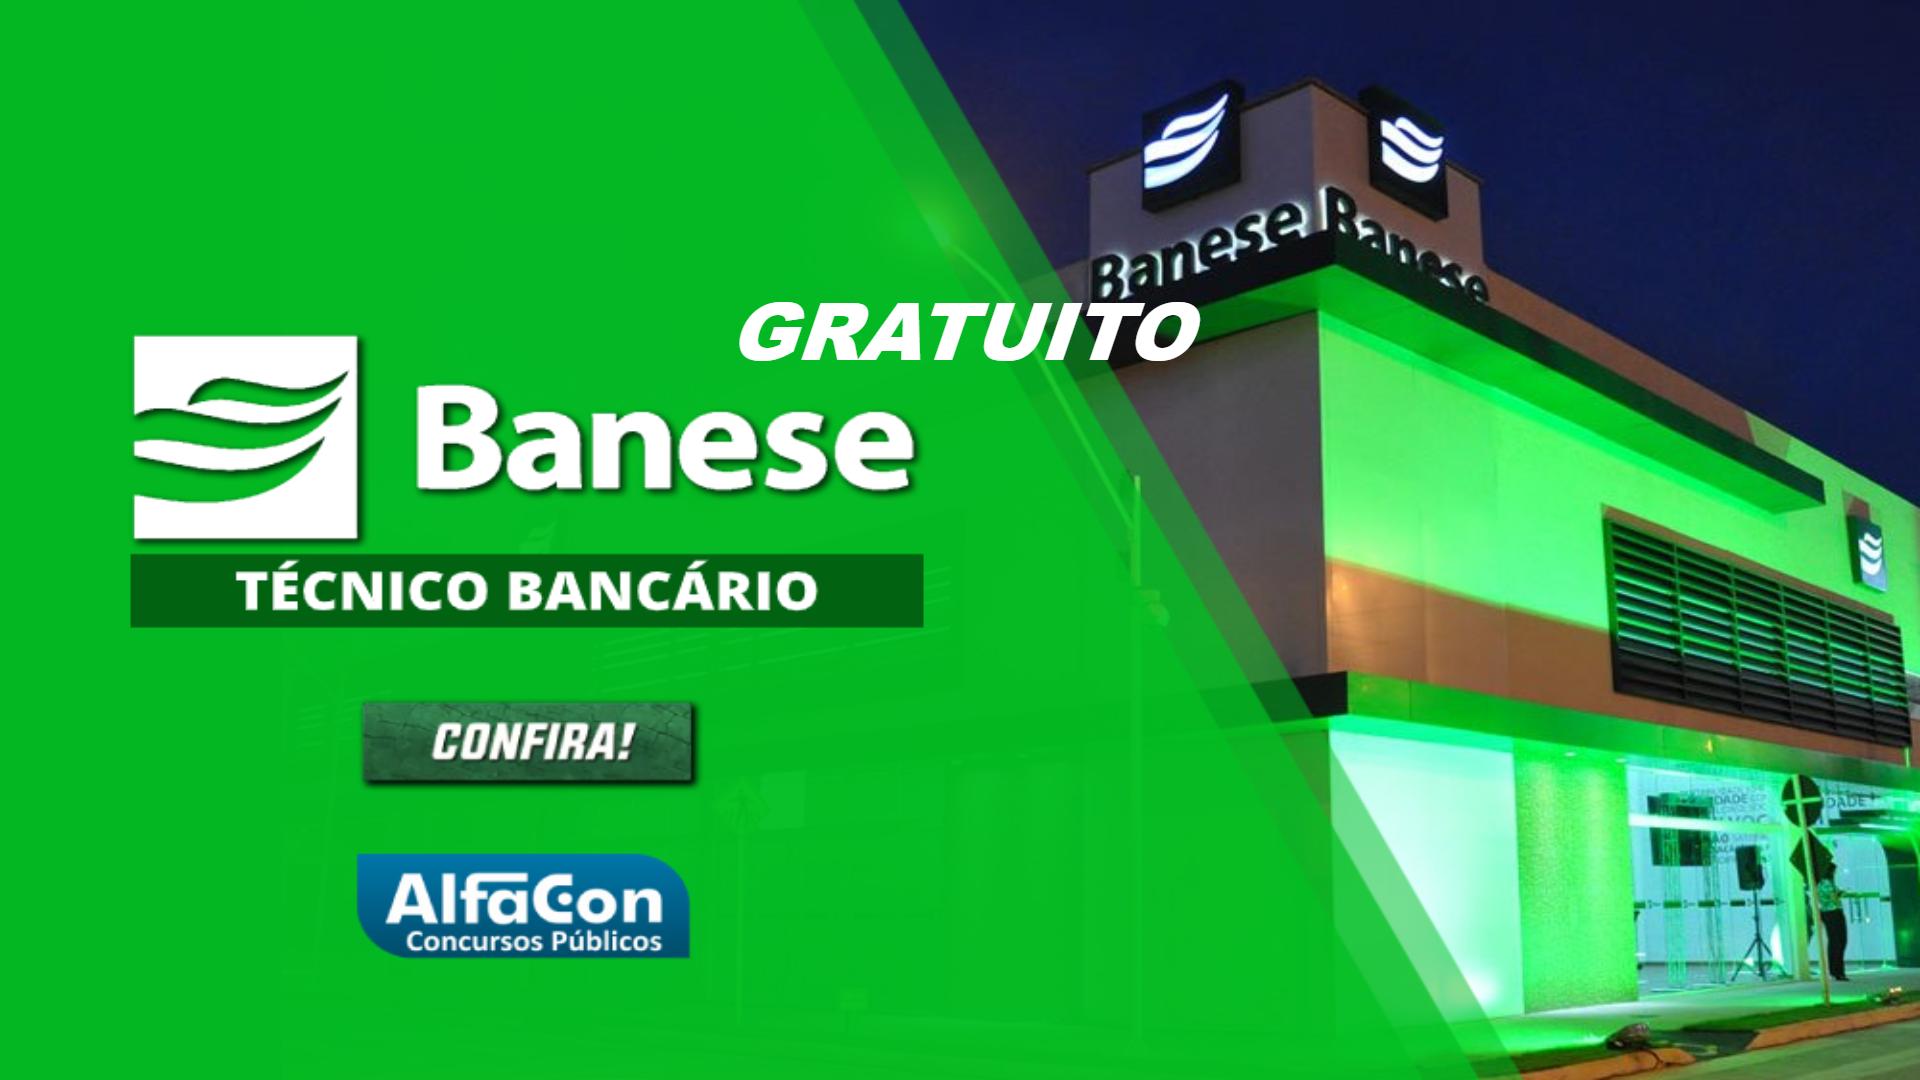 BANESE - Técnico Bancário do Banco do Estado de Sergipe - GRATUITO